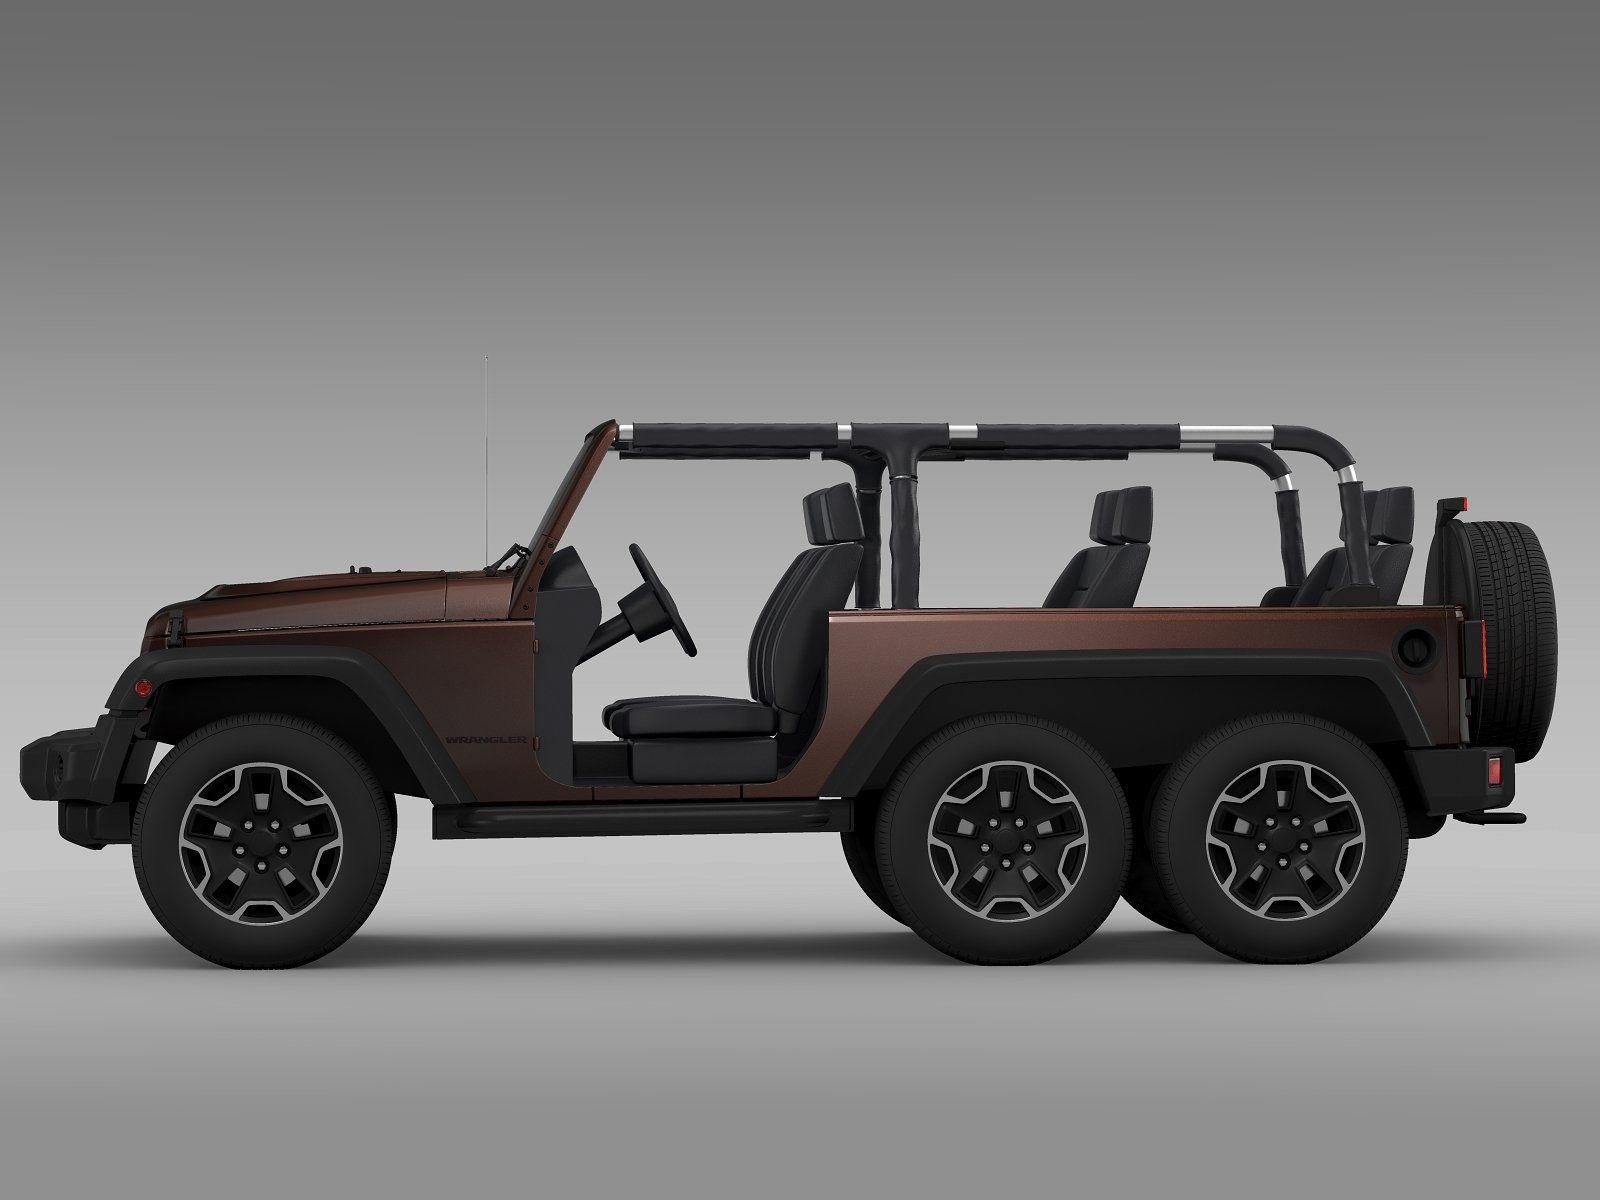 Jeep Wrangler Rubicon 6x6 2016 Jeep Wrangler Rubicon Wrangler Rubicon Mahindra Jeep